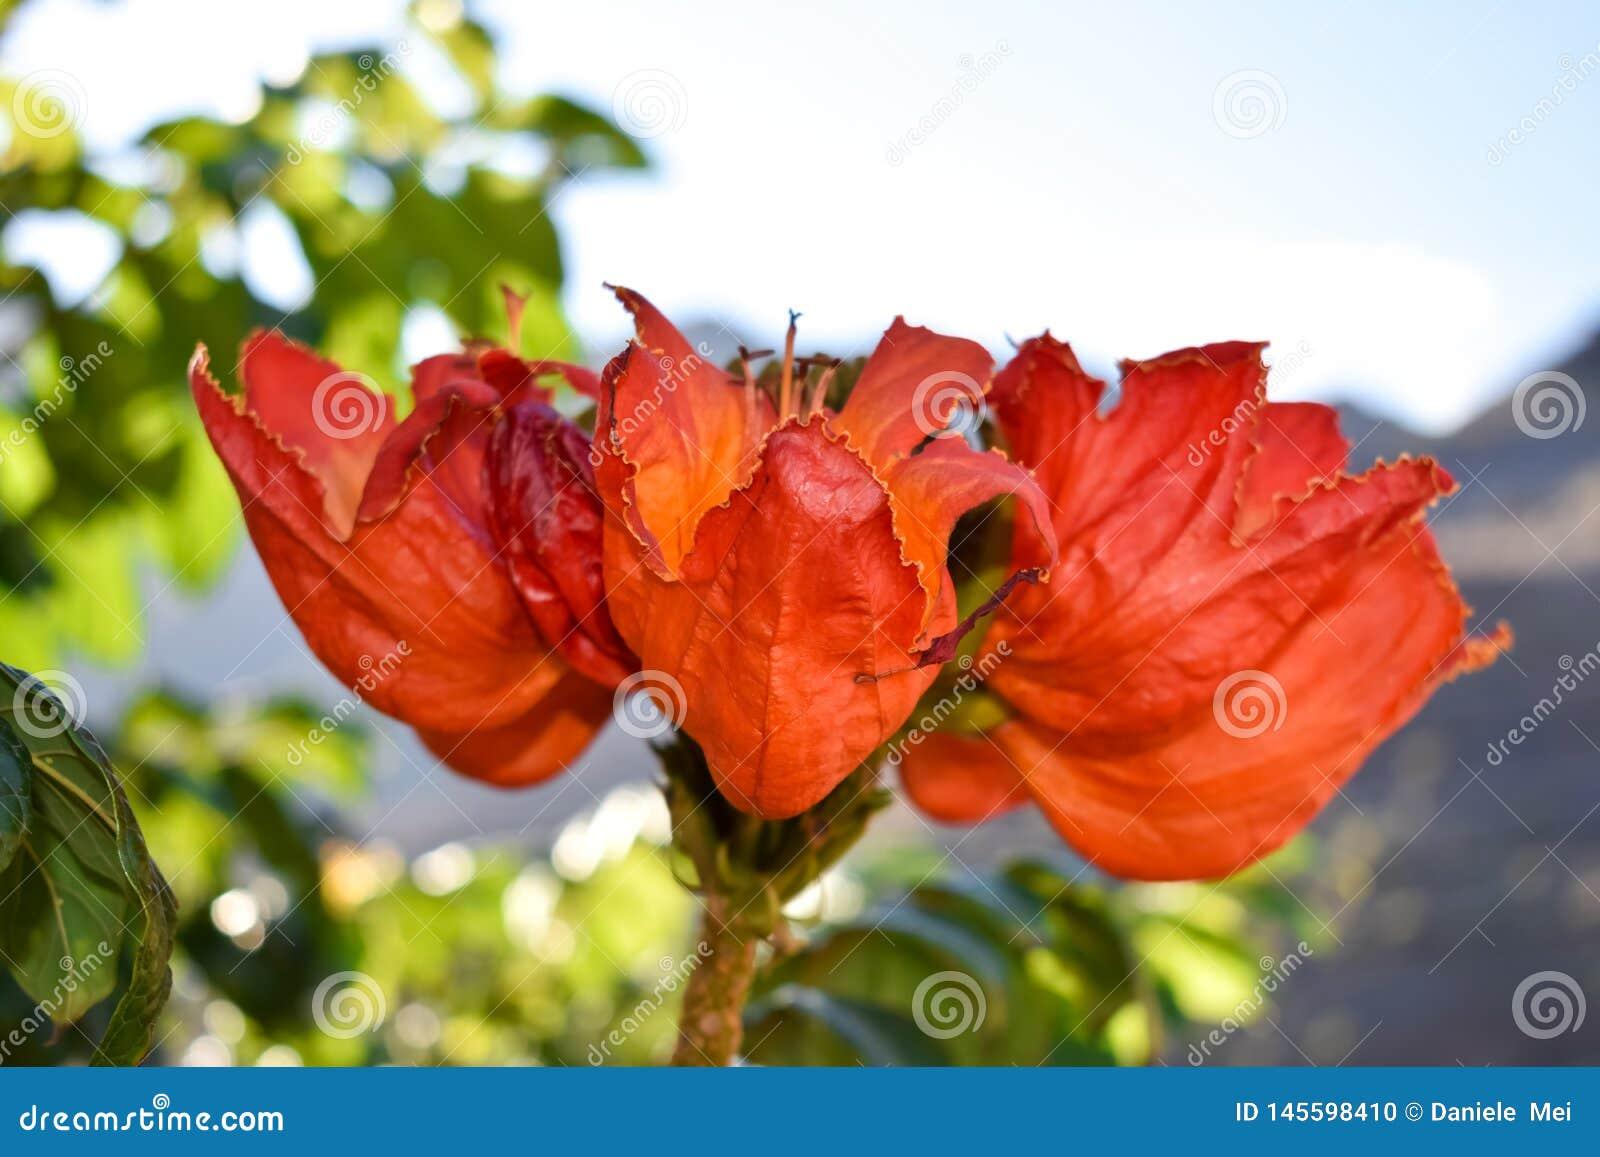 Gabon Tulip Flower